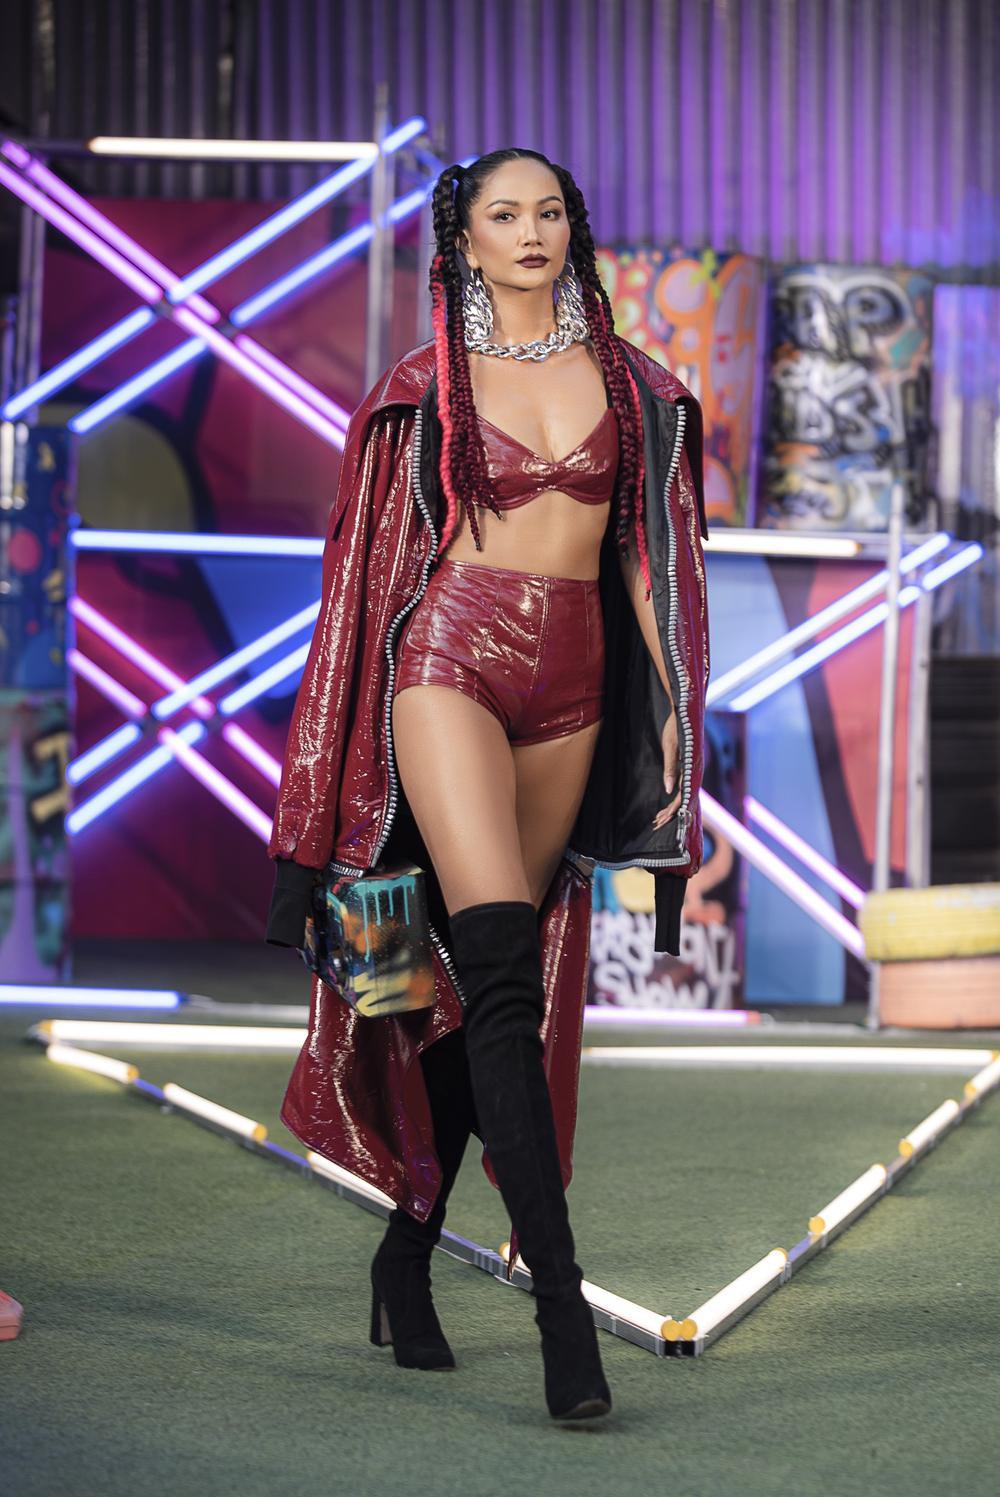 H'Hen Niê tái xuất sàn diễn thời trang, nổi loạn với phong cách Hip Hop Ảnh 2